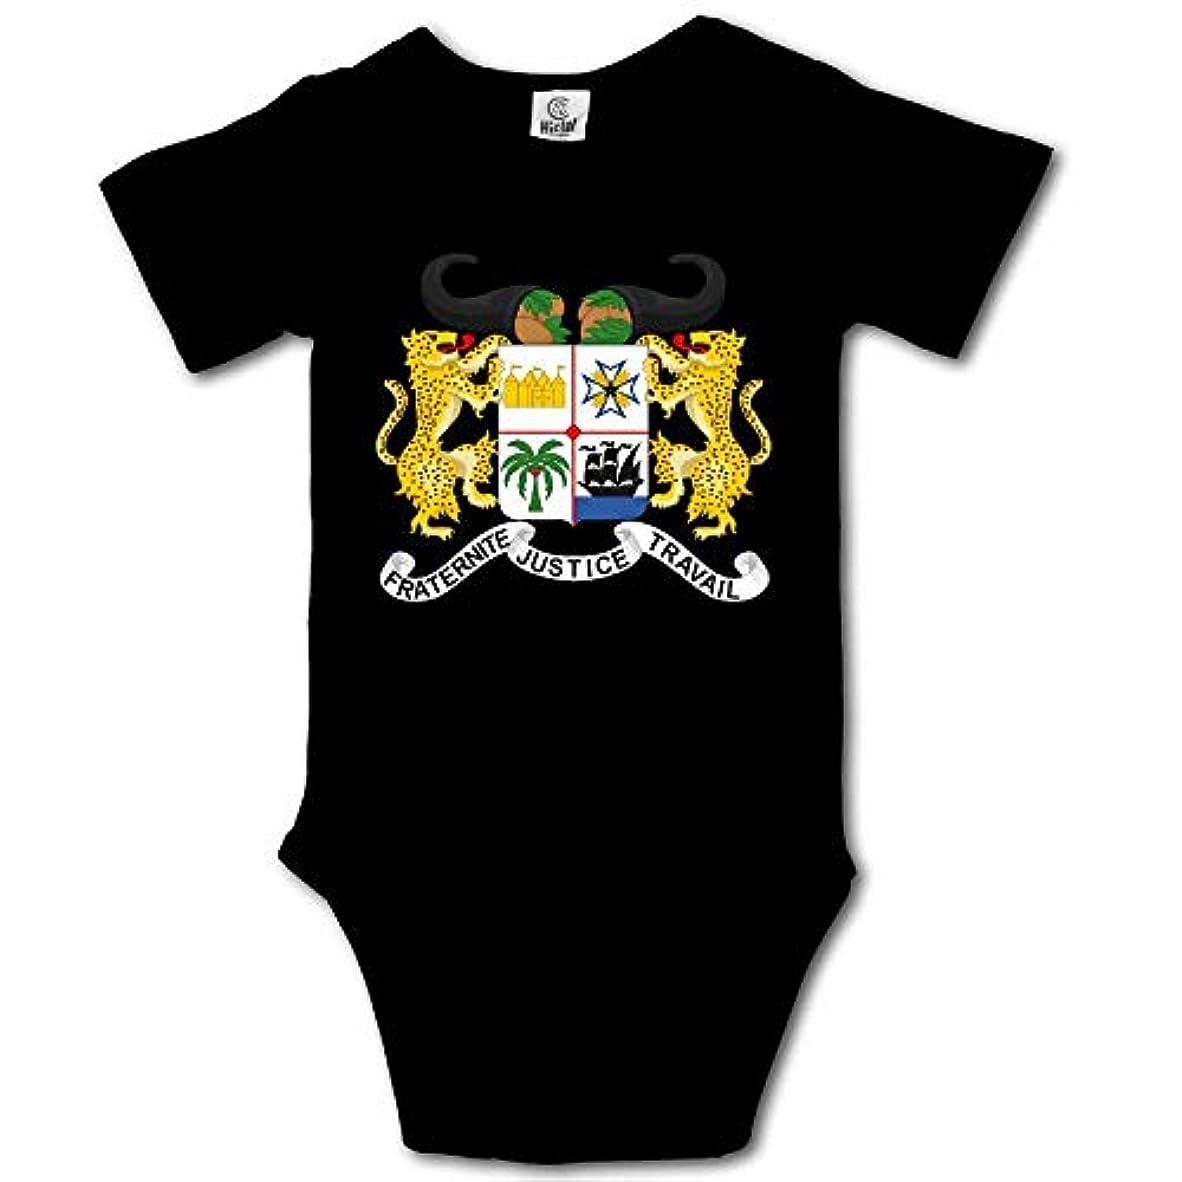 知覚するホイッスル道徳のベニンの国章カジュアル新生児0-24ヶ月ベビークライミング服ベビークリーパー用トローティ